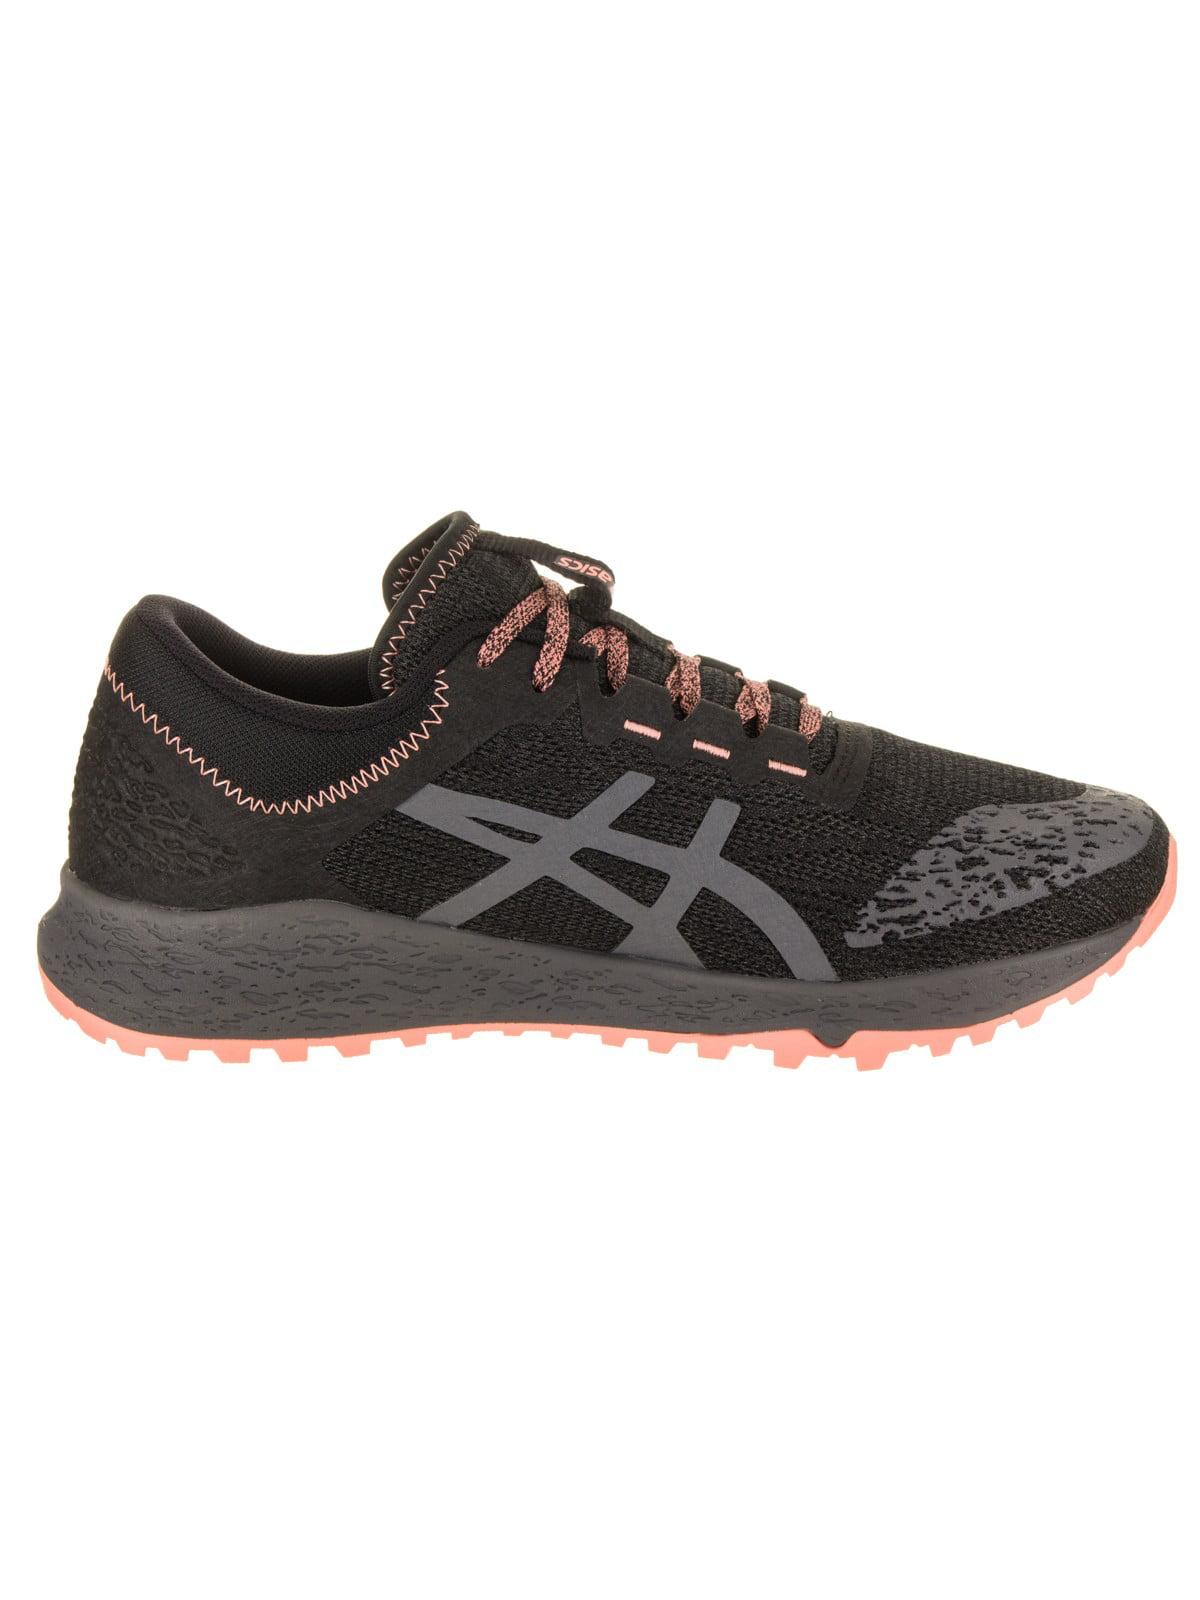 Asics Alpine XT Black//Carbon//Begonia Pink Running Shoe Women/'s US P,0